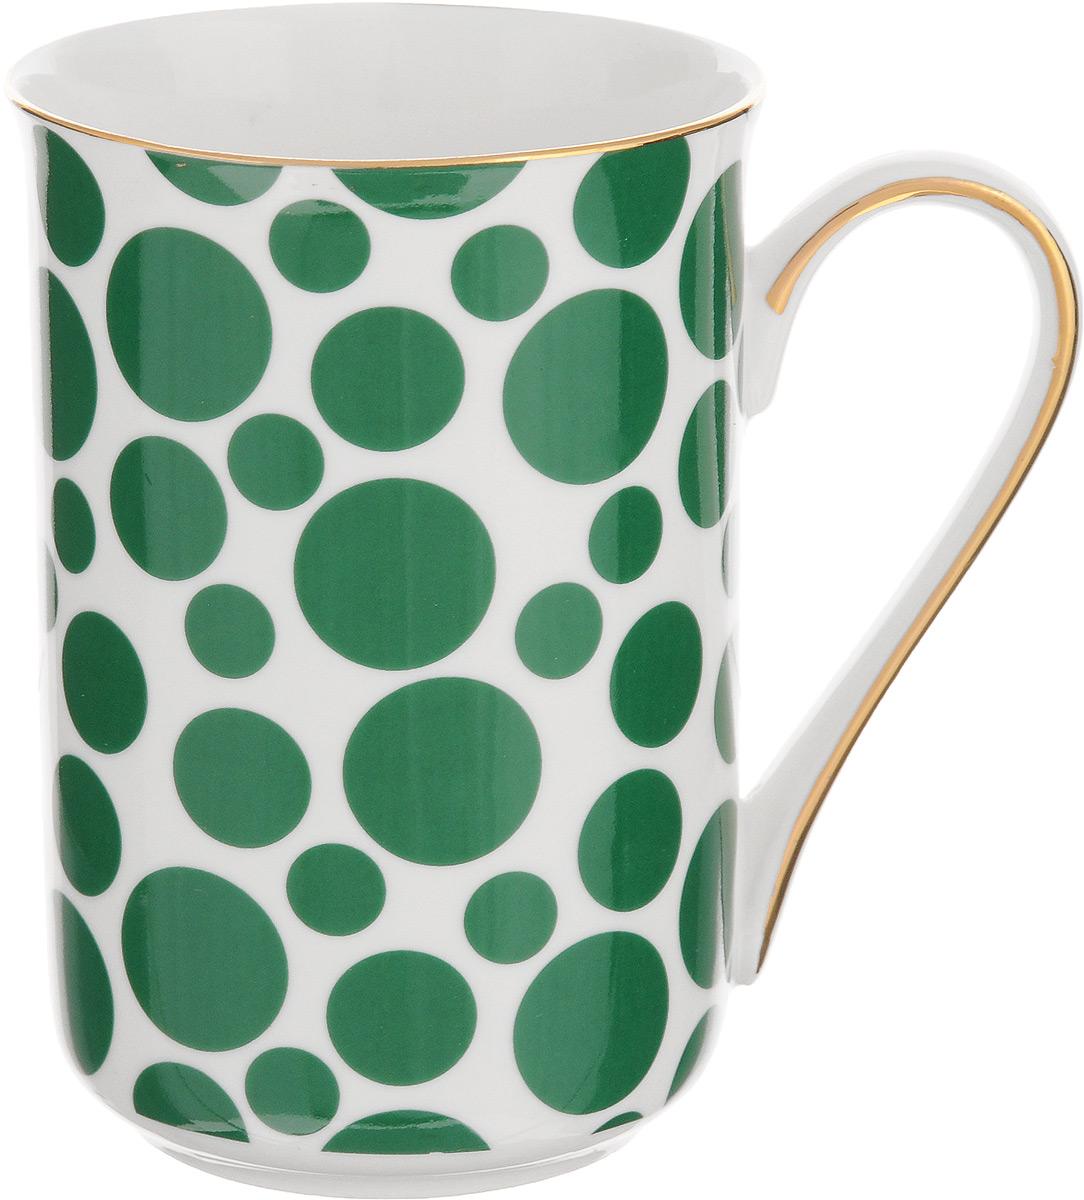 Кружка Patricia Горох, цвет: белый, зеленый, 370 млIM52-1400Кружка Patricia Горох выполнена из фарфора безупречной белизны. Изделие декорировано принтом в горошек, некоторые элементы дополнительно оформлены золотистой эмалью. Такая кружка не только порадует своей практичностью, но и станет приятным сувениром для ваших близких. А оригинальное оформление кружки добавит ярких эмоций.Изделие упаковано в подарочную коробку, задрапированную белой атласной тканью. Не рекомендуется мыть в посудомоечной машине и использовать в микроволновой печи. Диаметр кружки (по верхнему краю): 7,5 см. Высота кружки: 11 см.